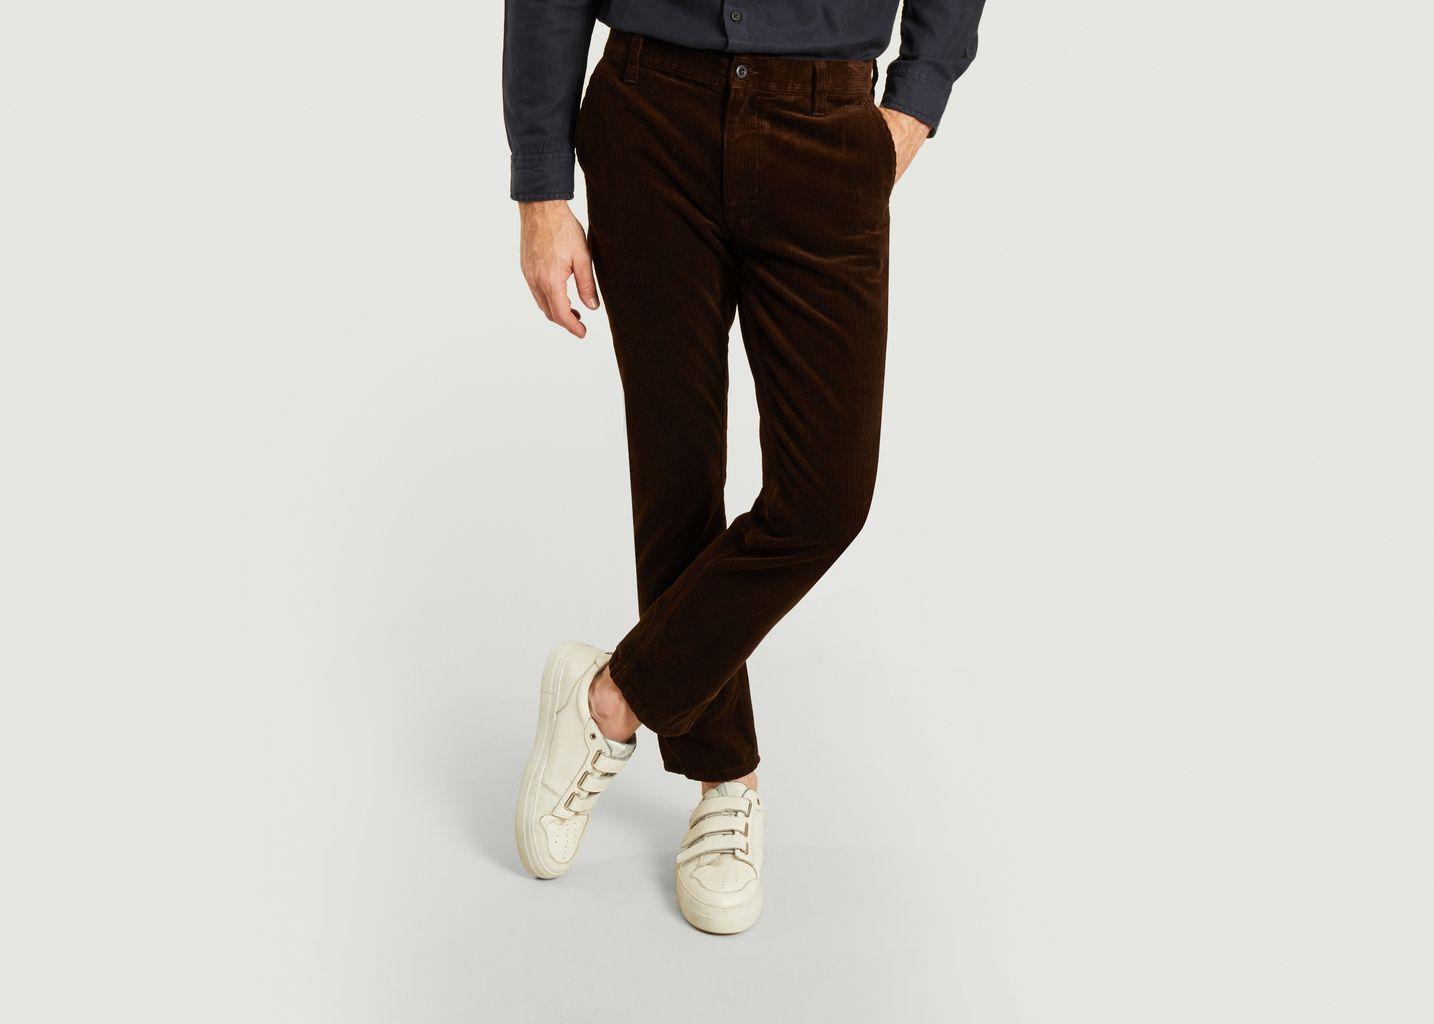 Pantalon Easy - Nudie Jeans